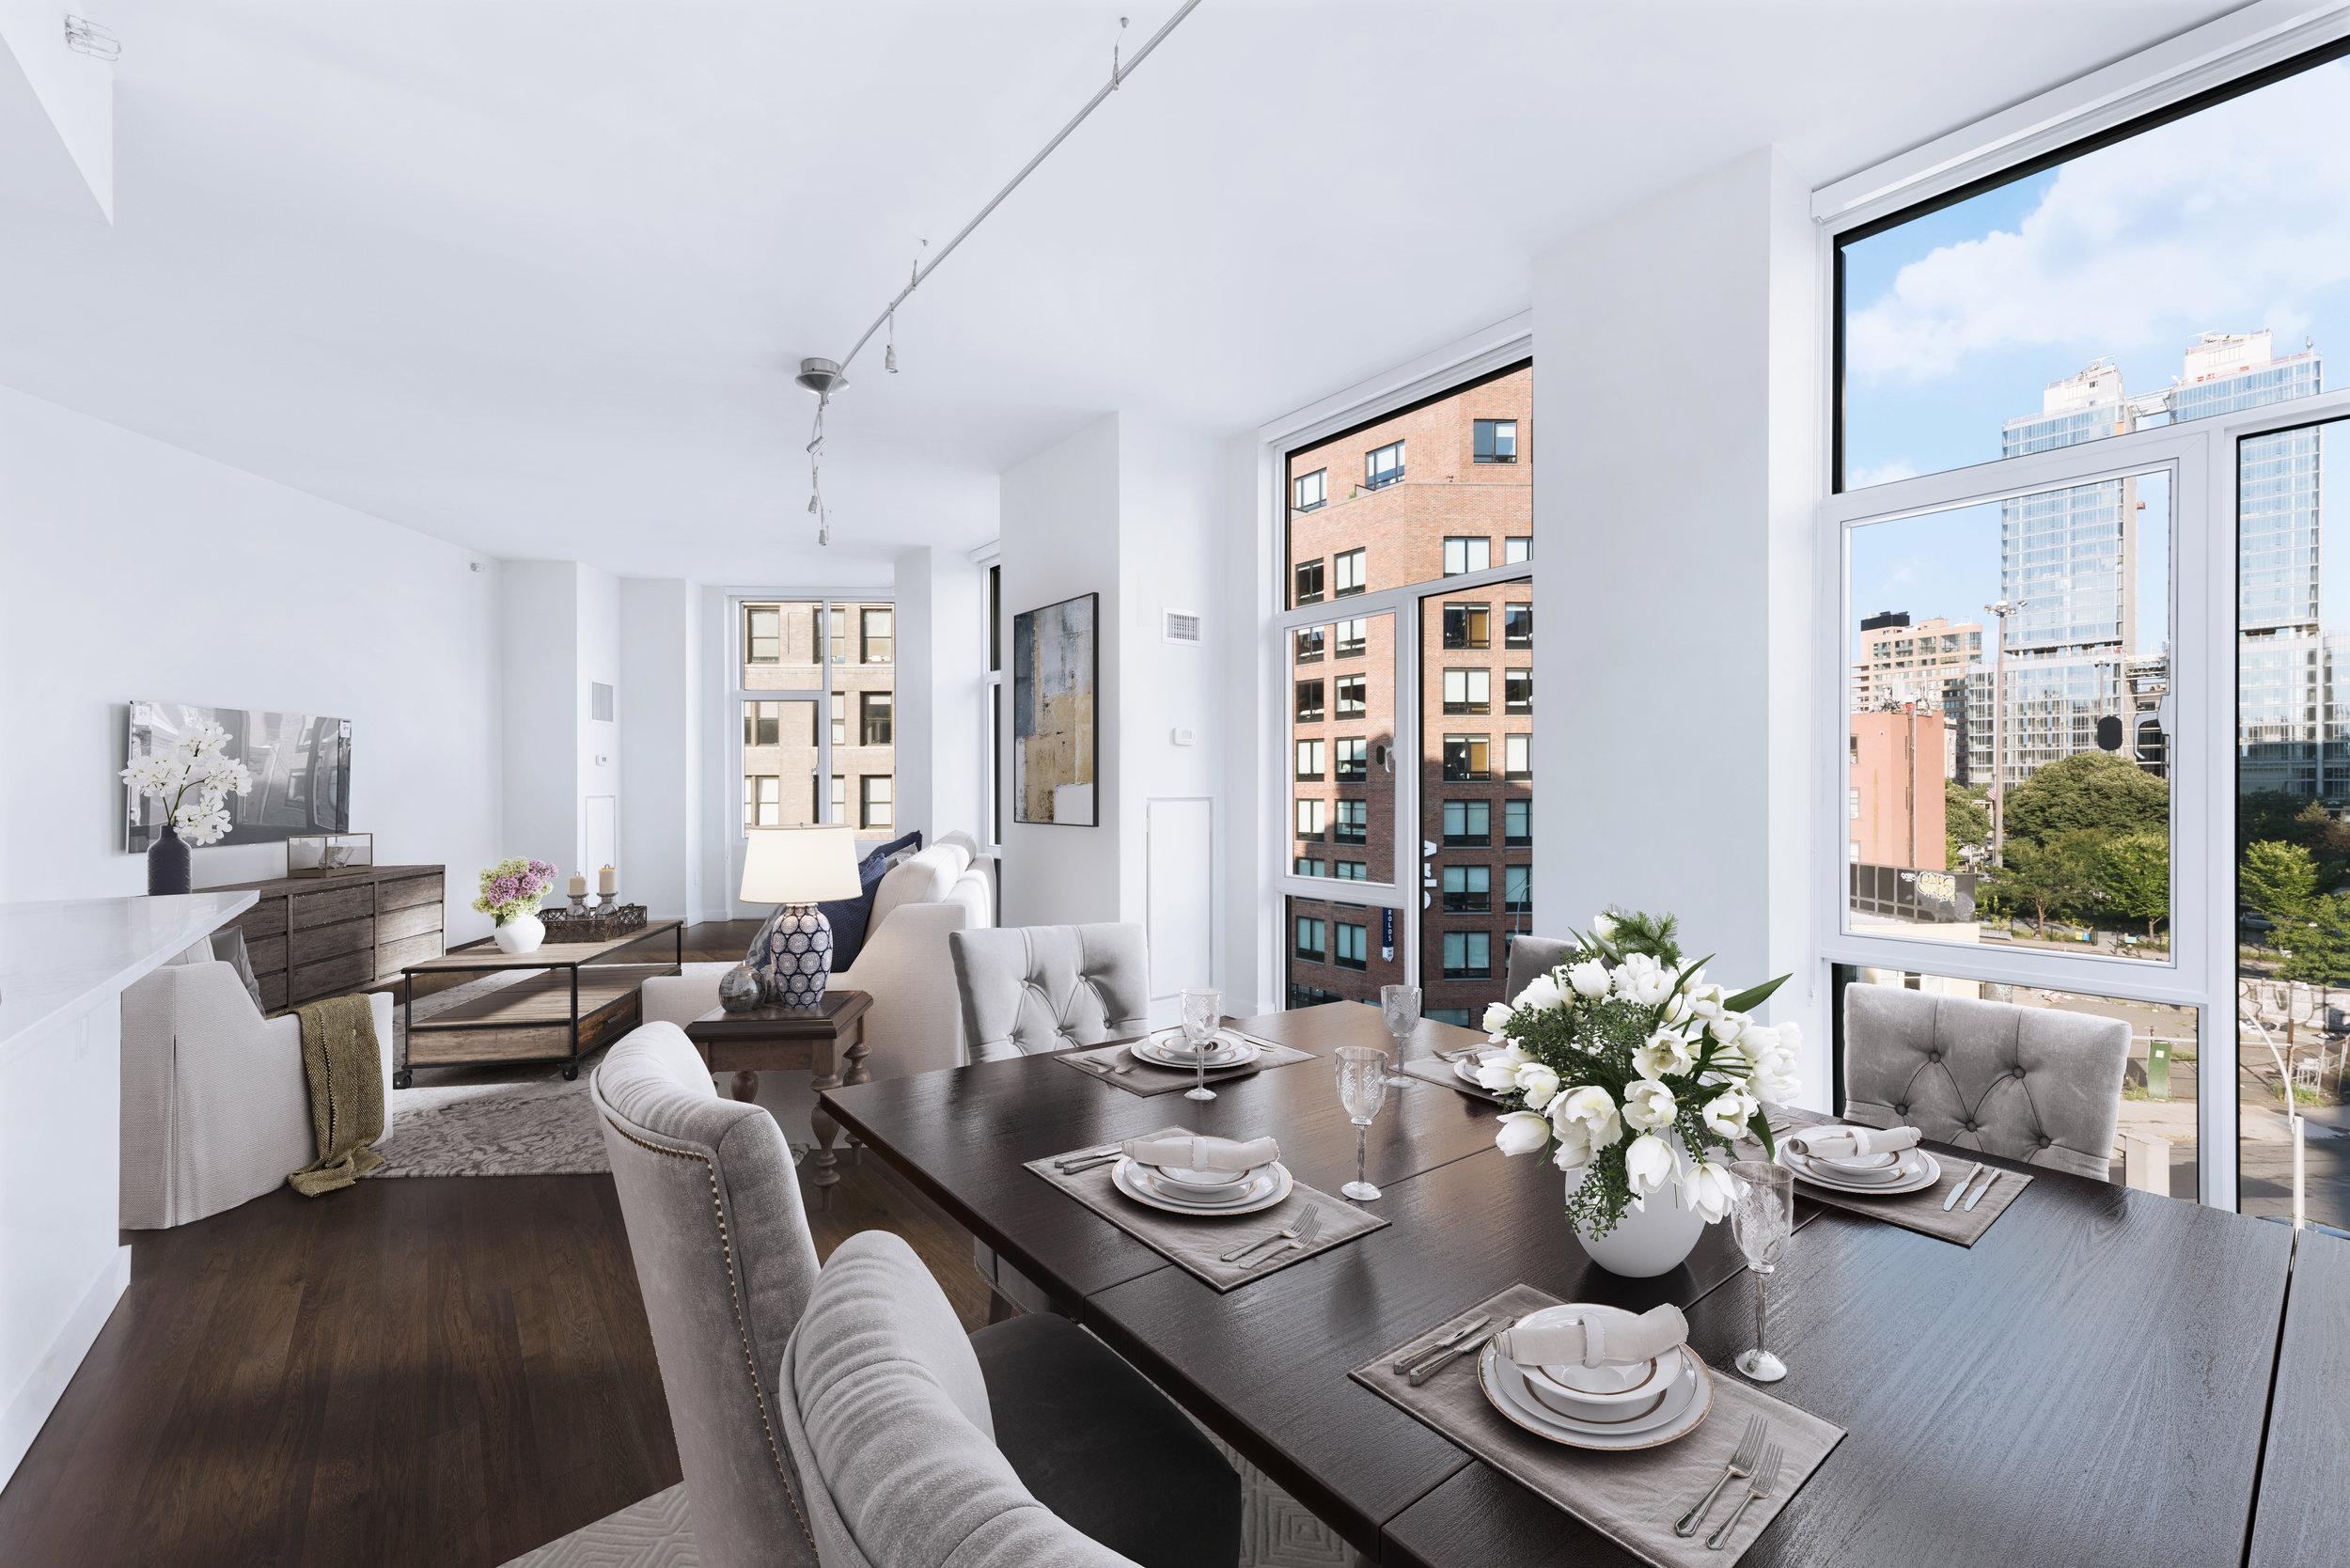 Living Dining Room 3 by Bolster SMART Renovation.jpg